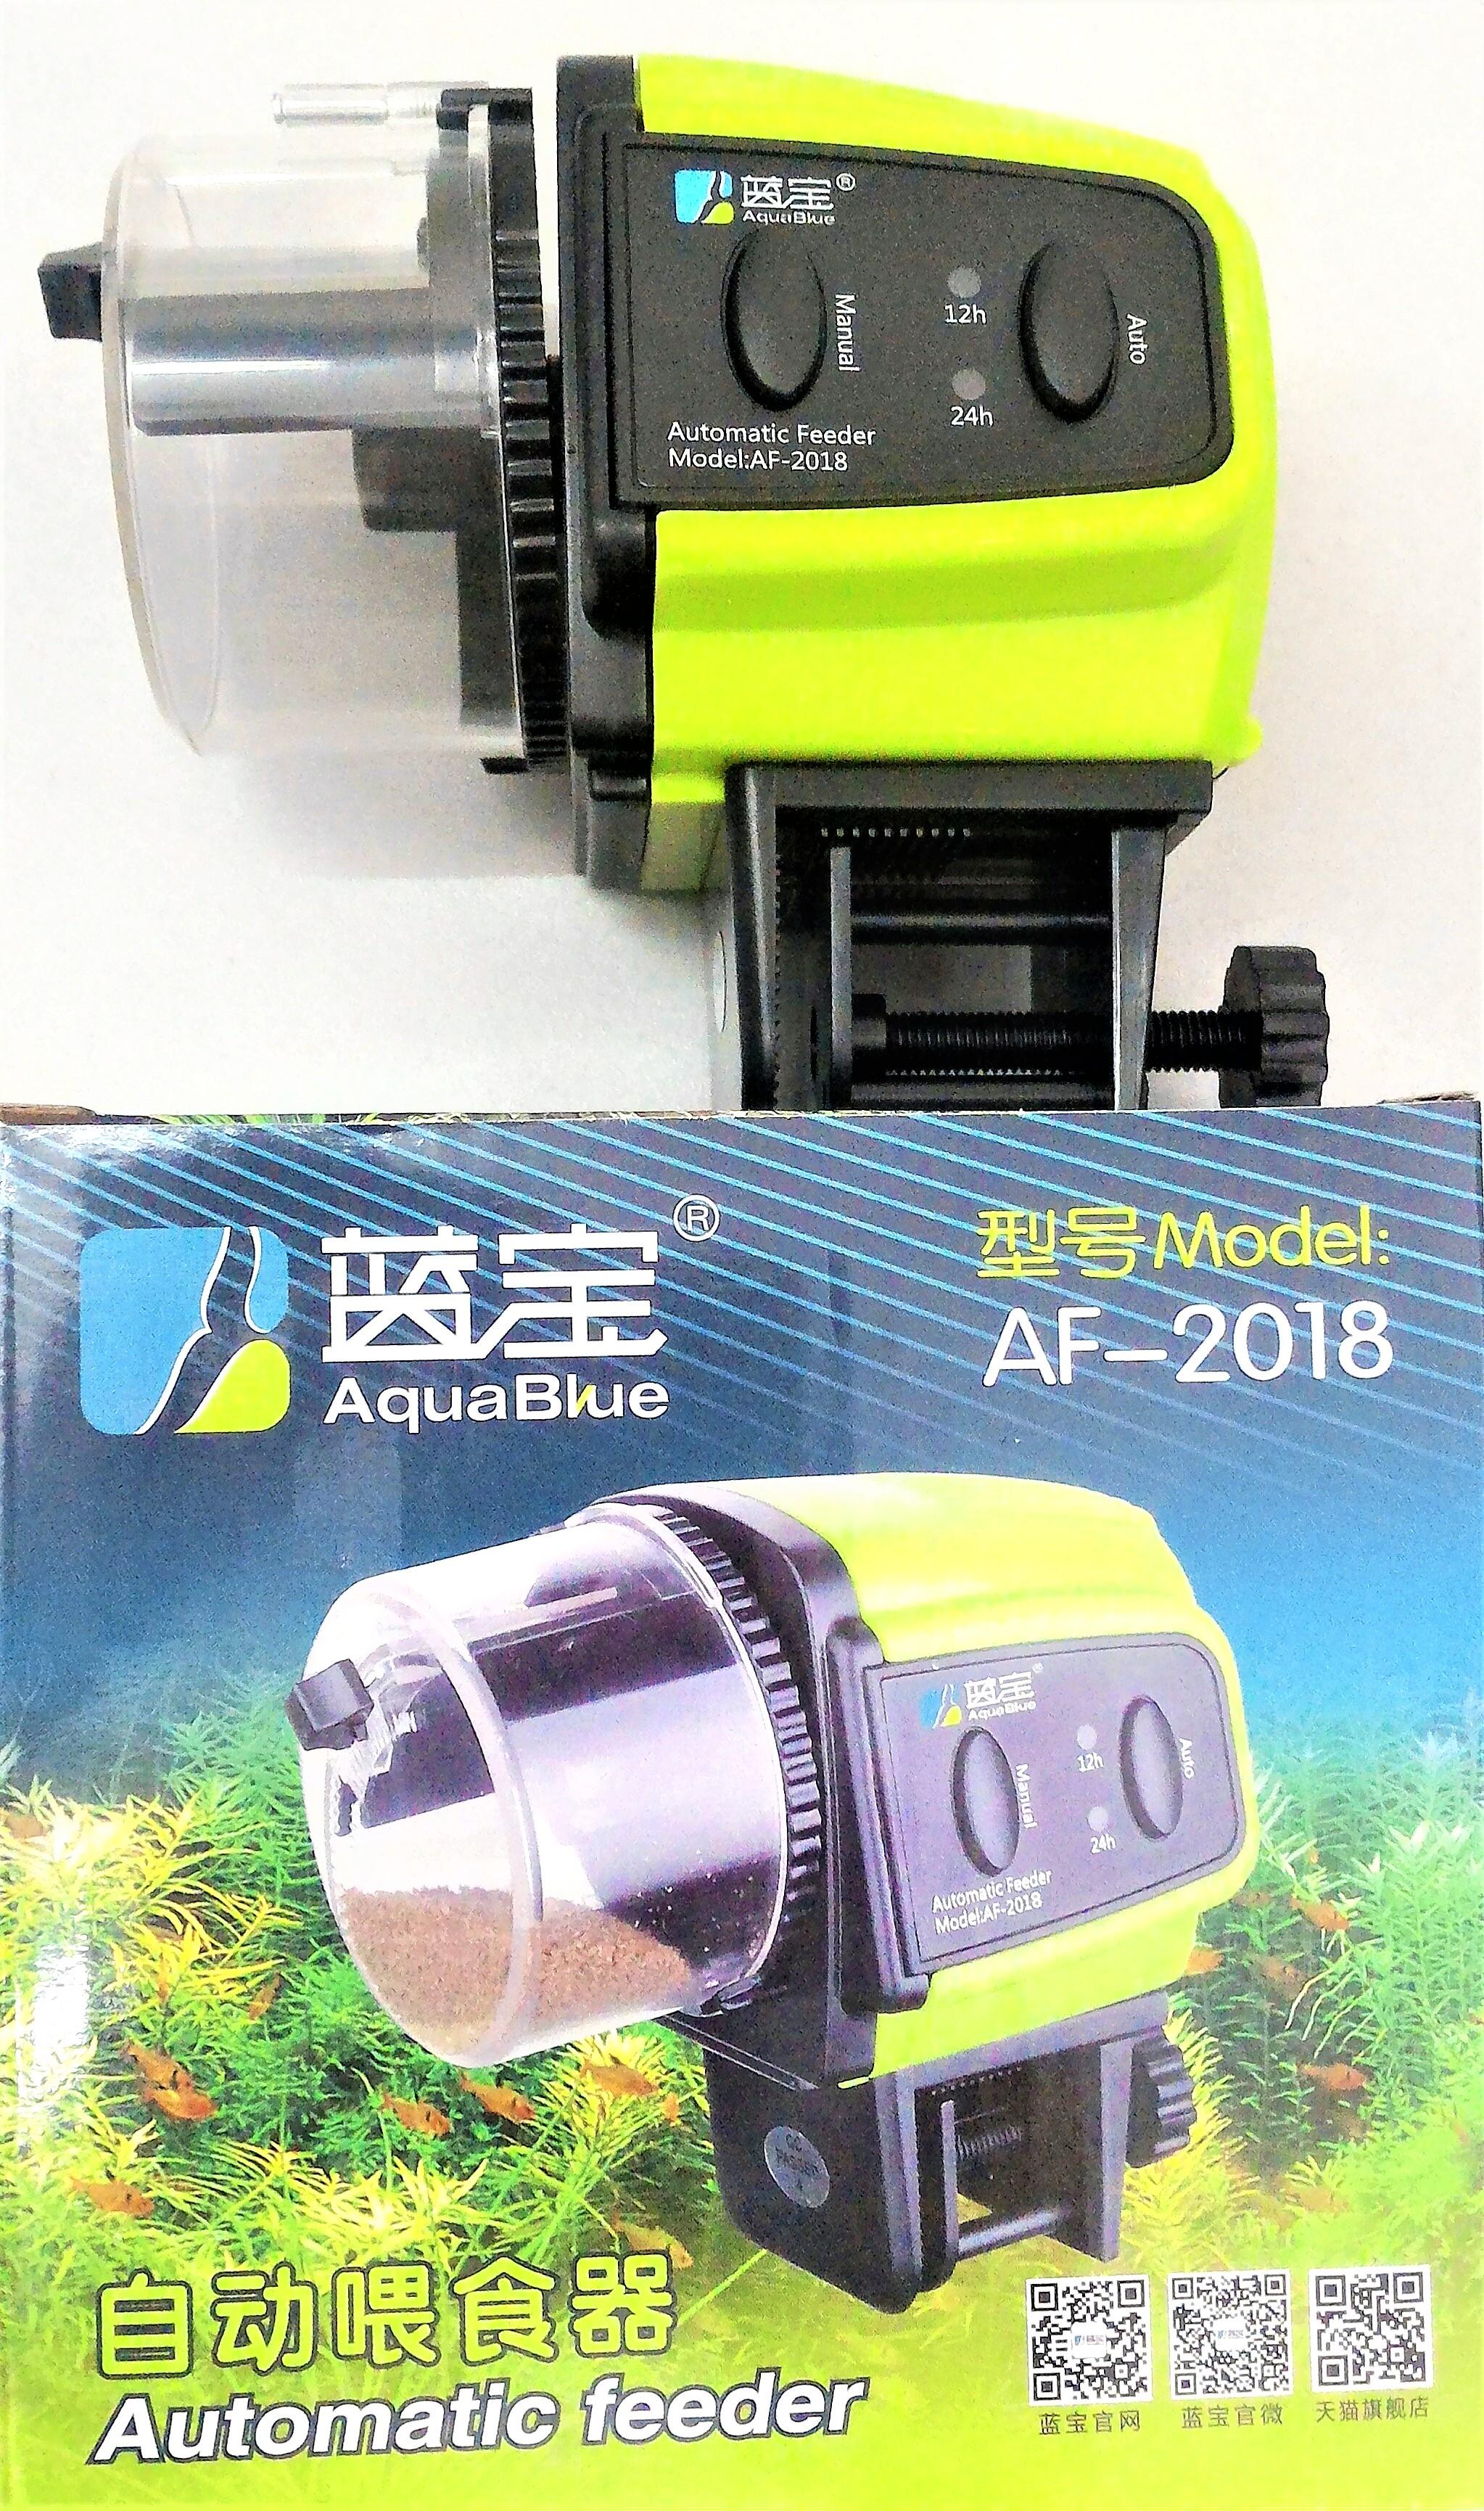 Máy cho cá ăn tự động ( dùng pin ) Hiệu AquaBlue Model AF-2018